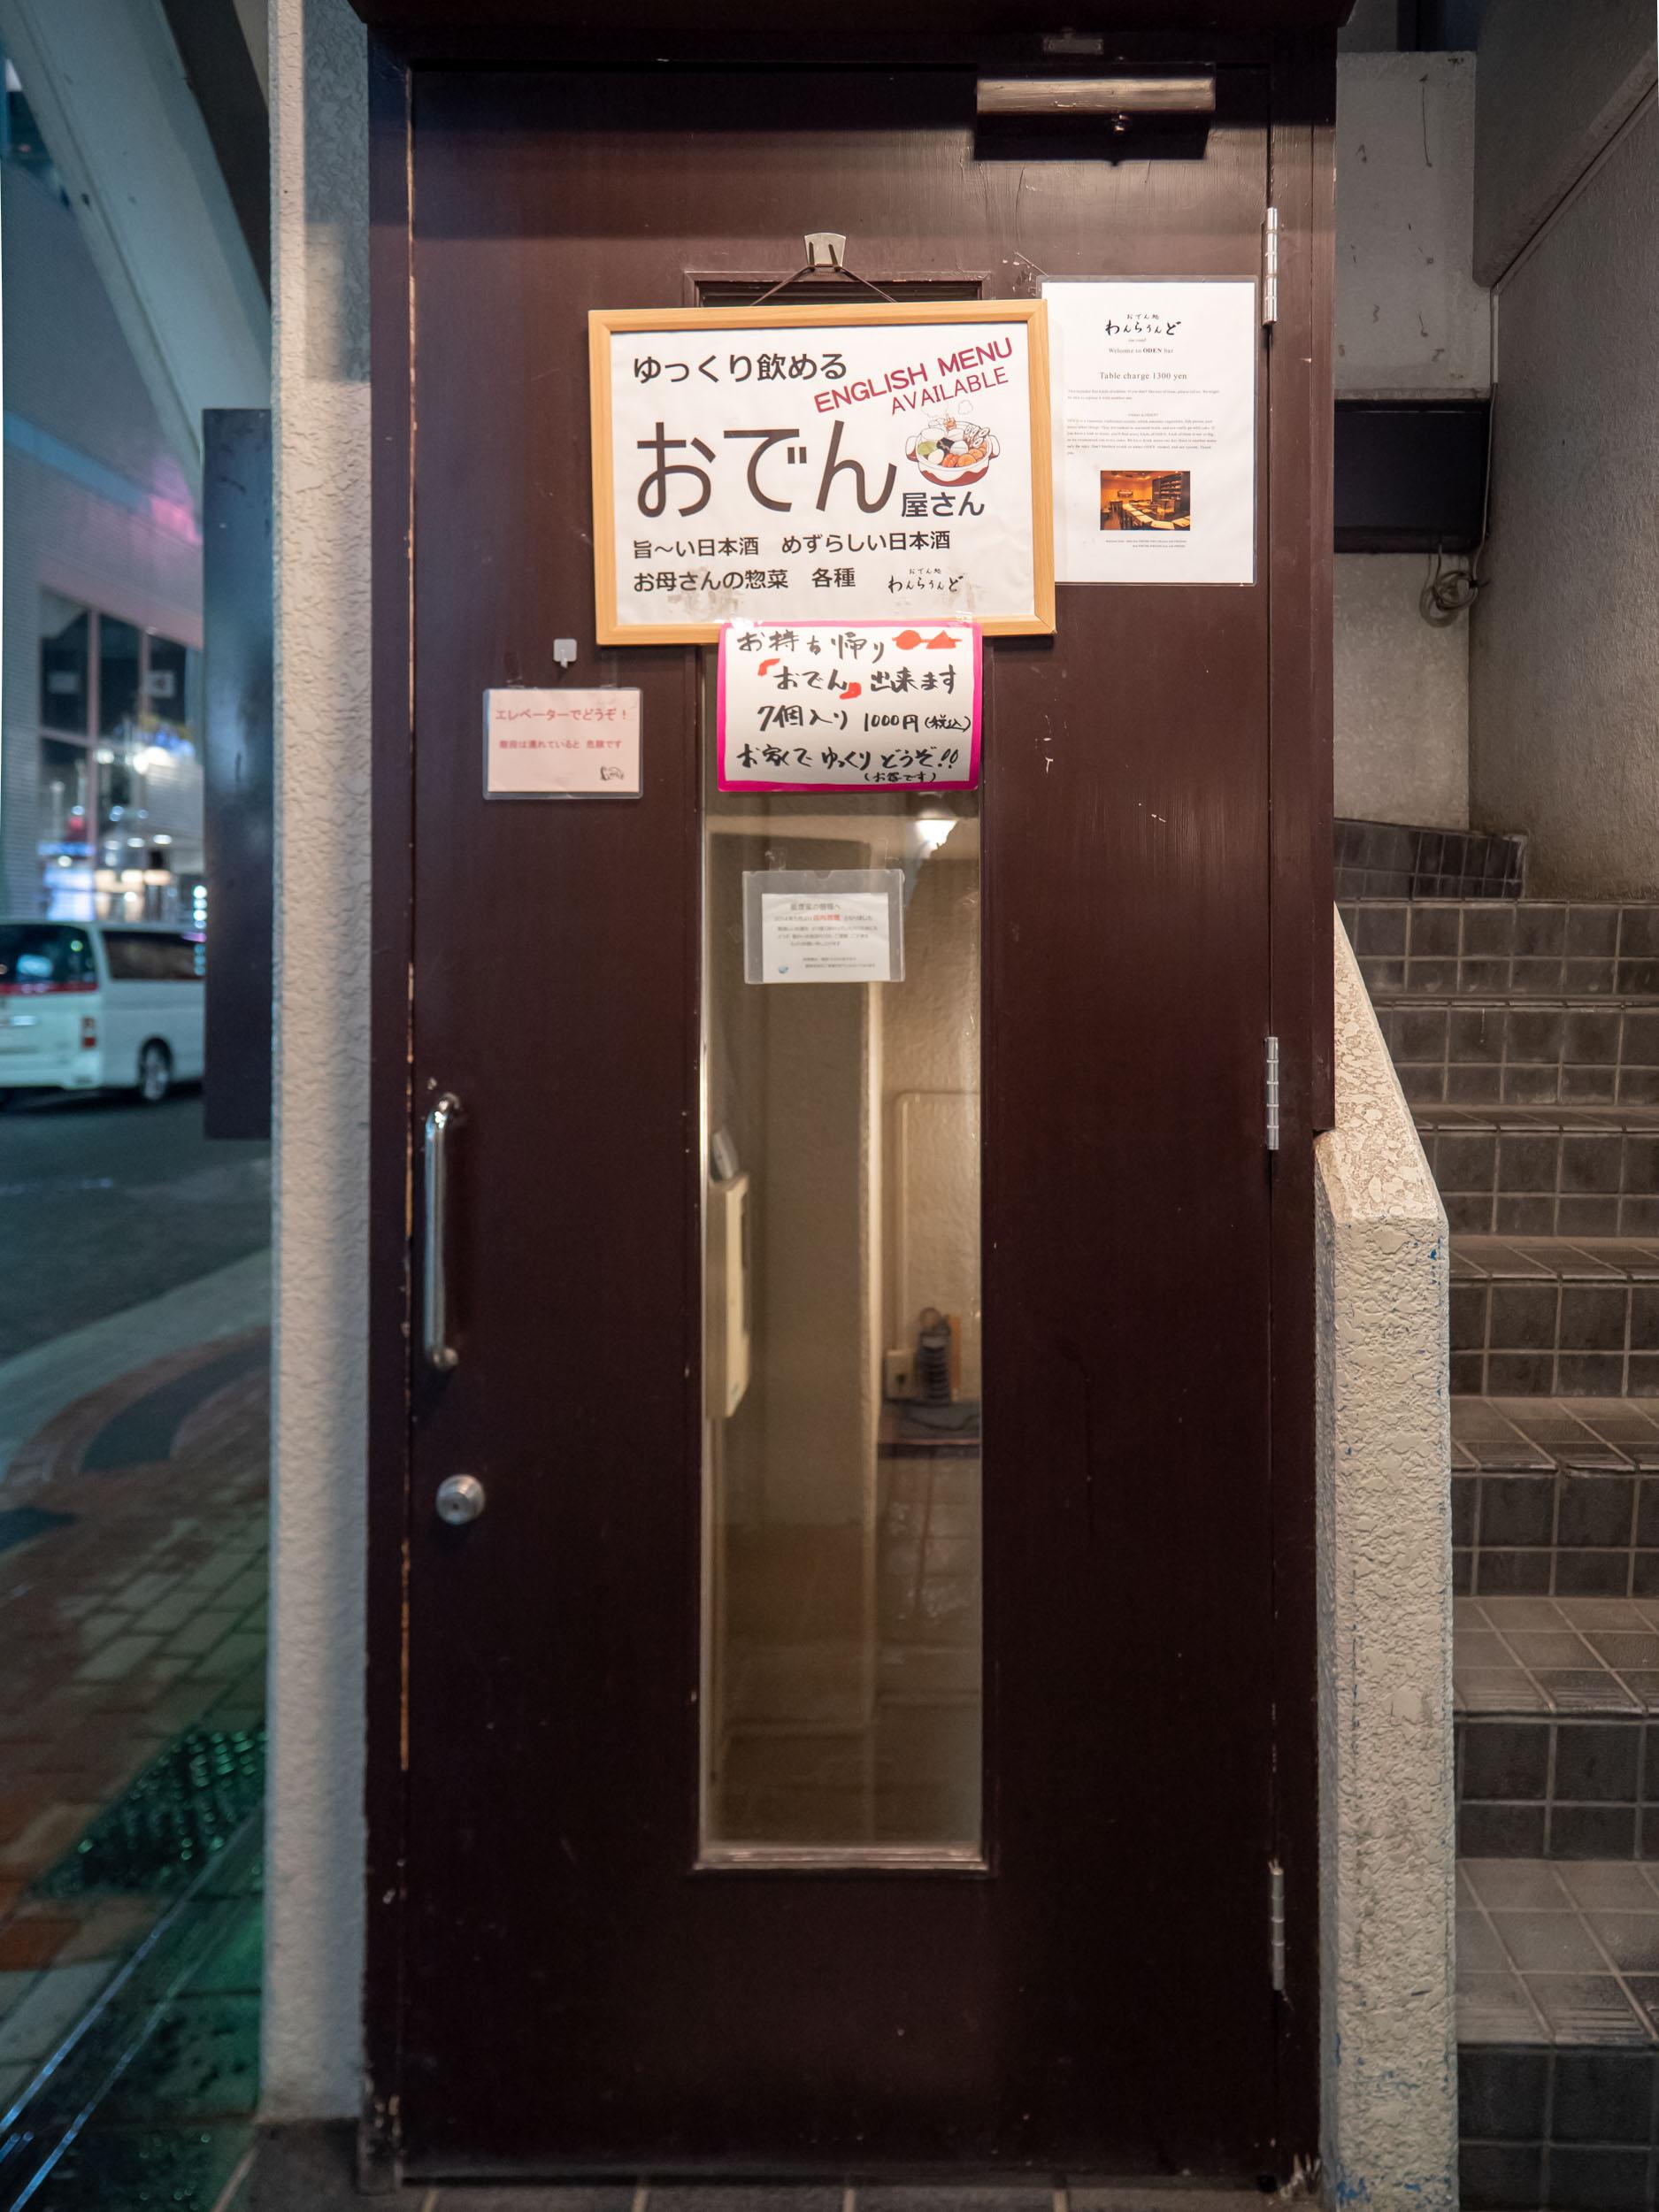 札幌市中央区南6条西3丁目6−27おおたビル地下おでん処 わんらうんどの出入口  DMC-GX8 + LEICA DG 12-60mm